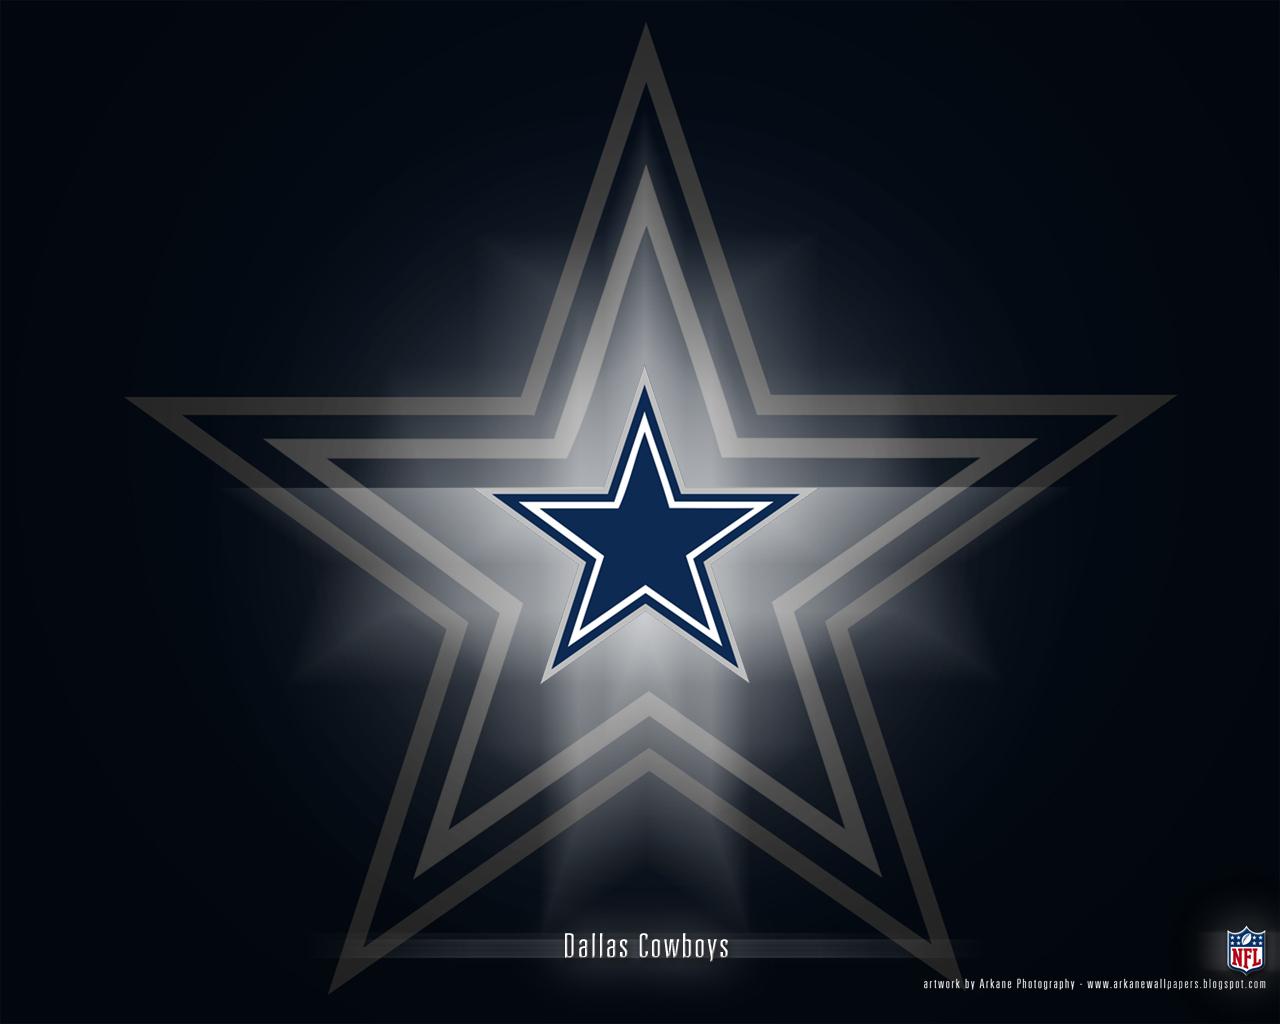 Dallas Cowboys Wallpaper Dallas Cowboys Dallas Cowboys 1280x1024